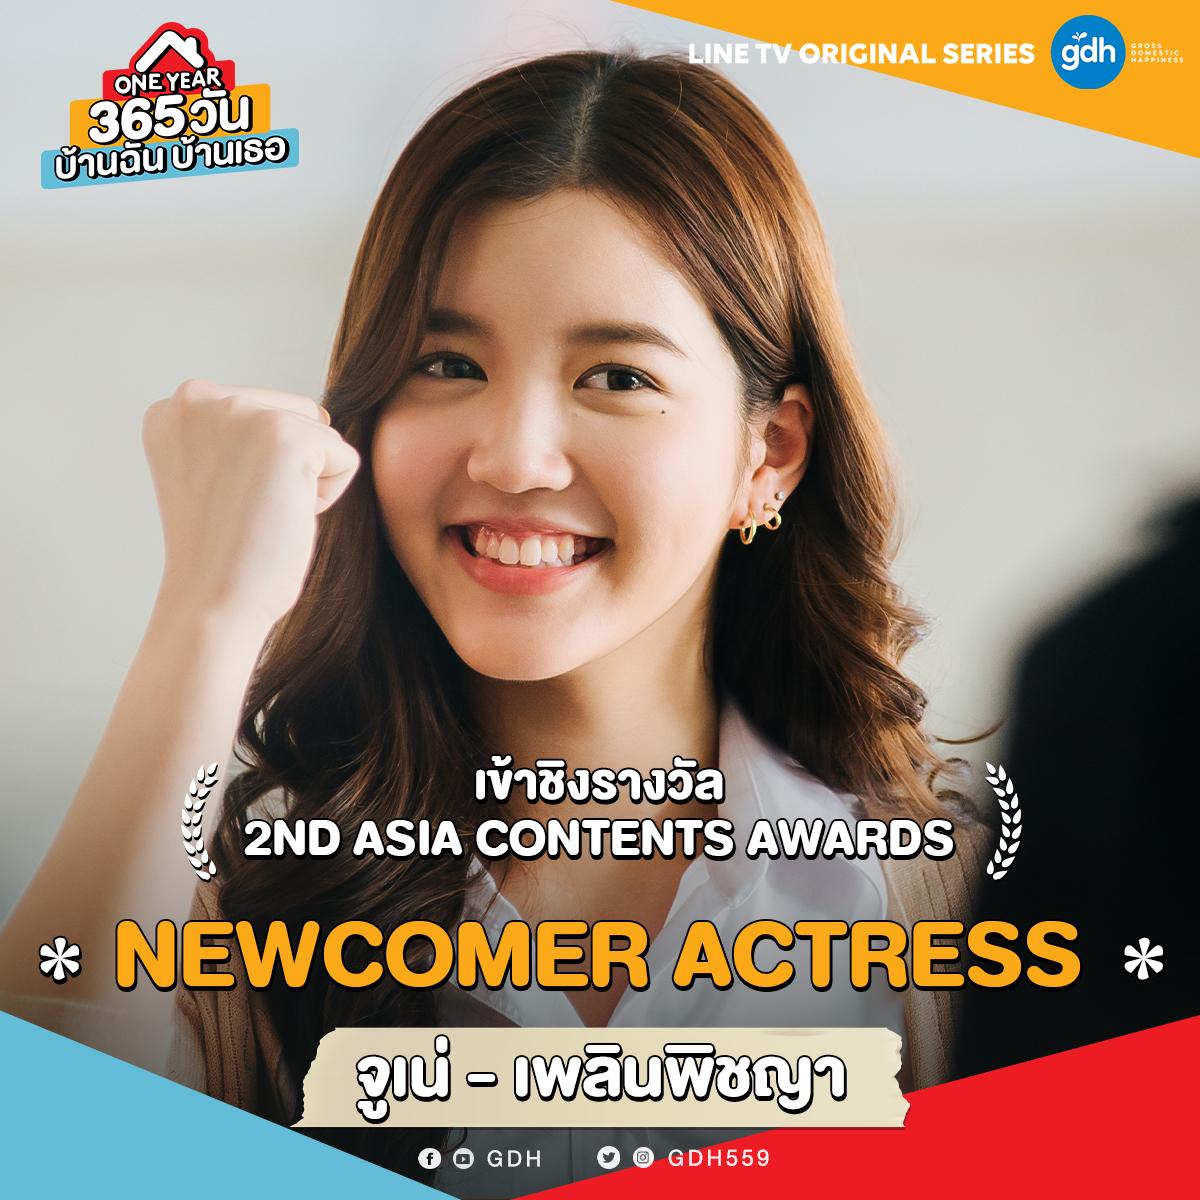 ตื่นเต้นแทน 'จูเน่-เพลินพิชญา' ได้รับการเสนอชื่อเข้าชิงรางวัล ในงาน 2nd Asia Contents Awards สาขา Newcomer Actress   เอาใจเชียร์และลุ้นไปพร้อมกัน  วันอาทิตย์ที่ 25 ตุลาคม นี้ เวลา 14:00 น.  #2ndAsiaContentsAward #OneYear365วันบ้านฉันบ้านเธอ #GDH #LINETVoriginal https://t.co/2eEbHvz0KL